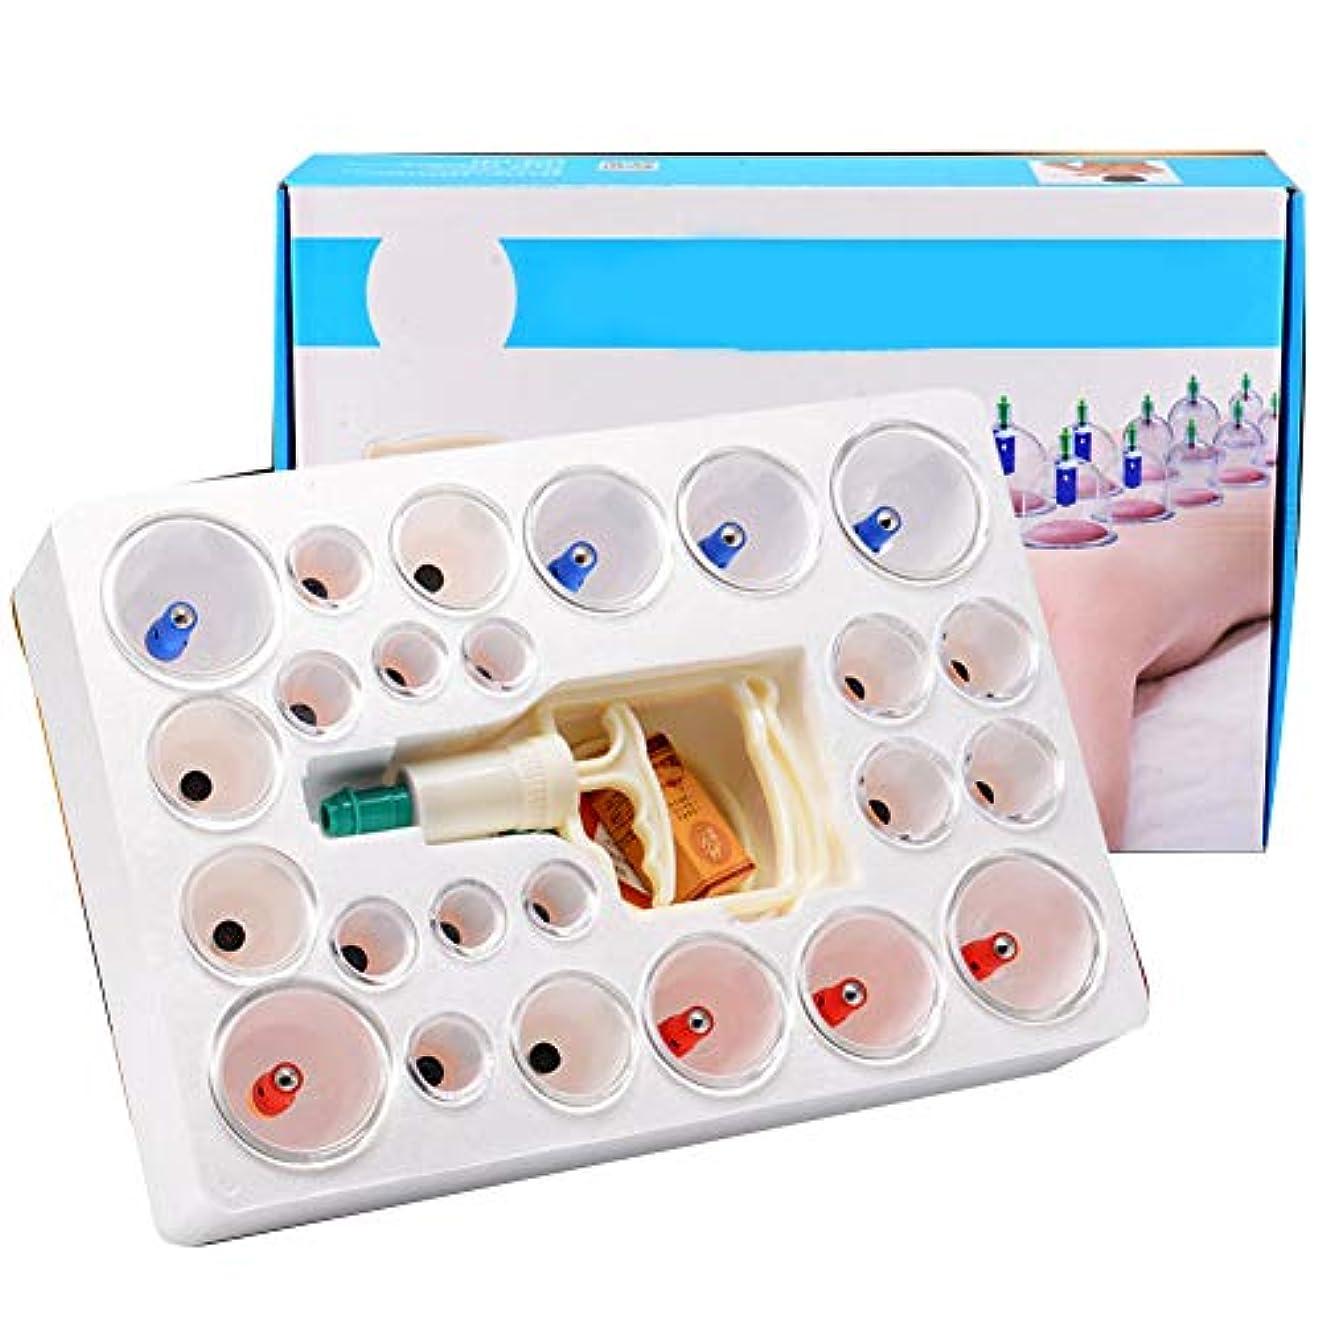 印象派調整呼び起こす24カップマッサージカッピングセット、真空吸引中国式ツボ療法、在宅医療、全身チクチク硬さ疲労用、ポンプガン延長チューブ付き